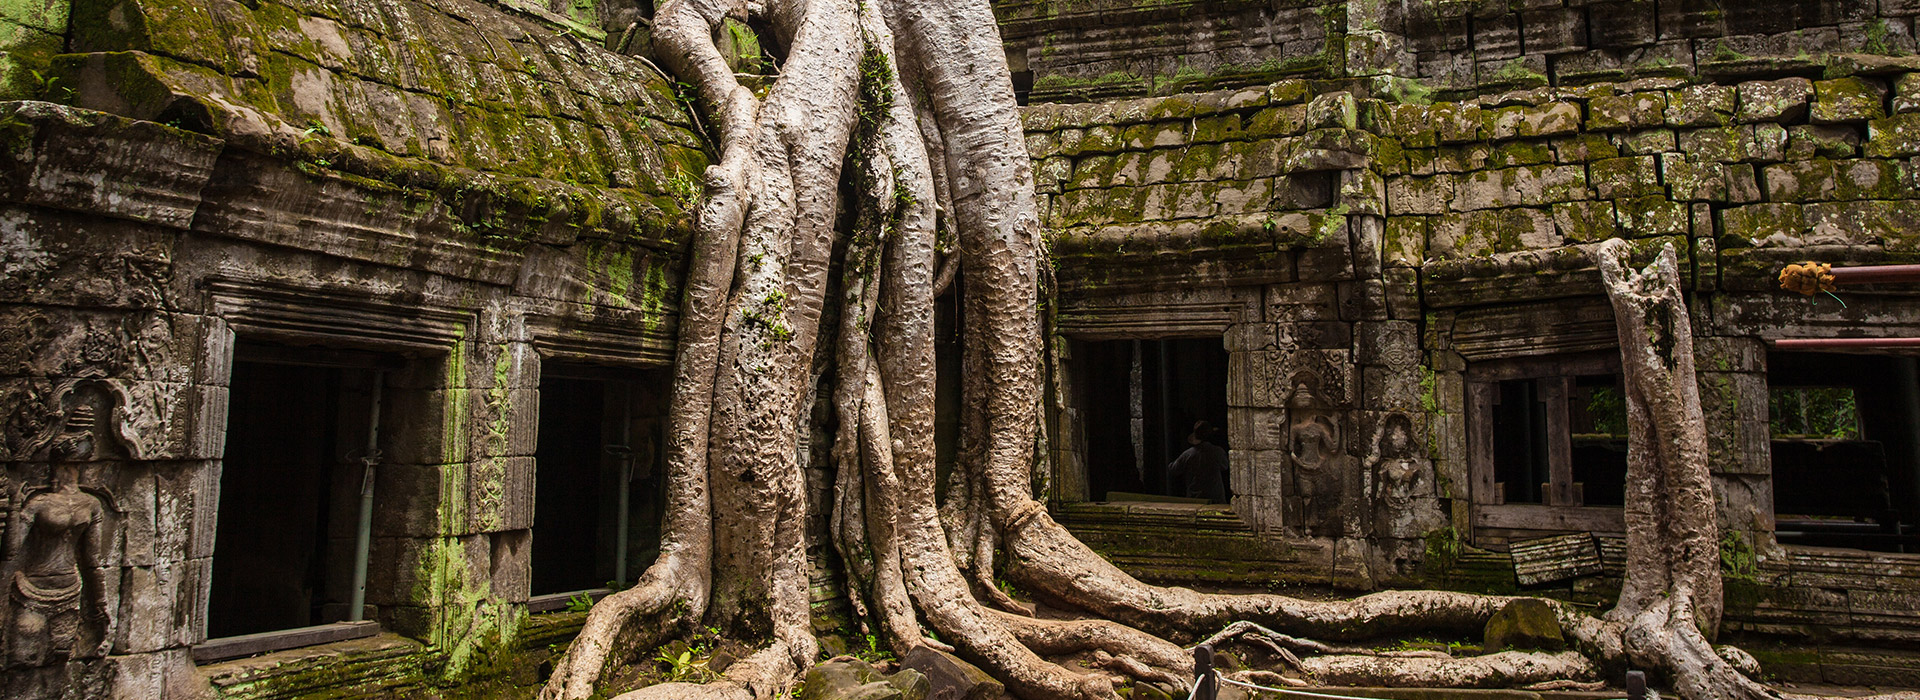 Reisen nach Kambodscha - Individuelle Reisen nach Kambodscha - Harry Kolb AG - Tourismus